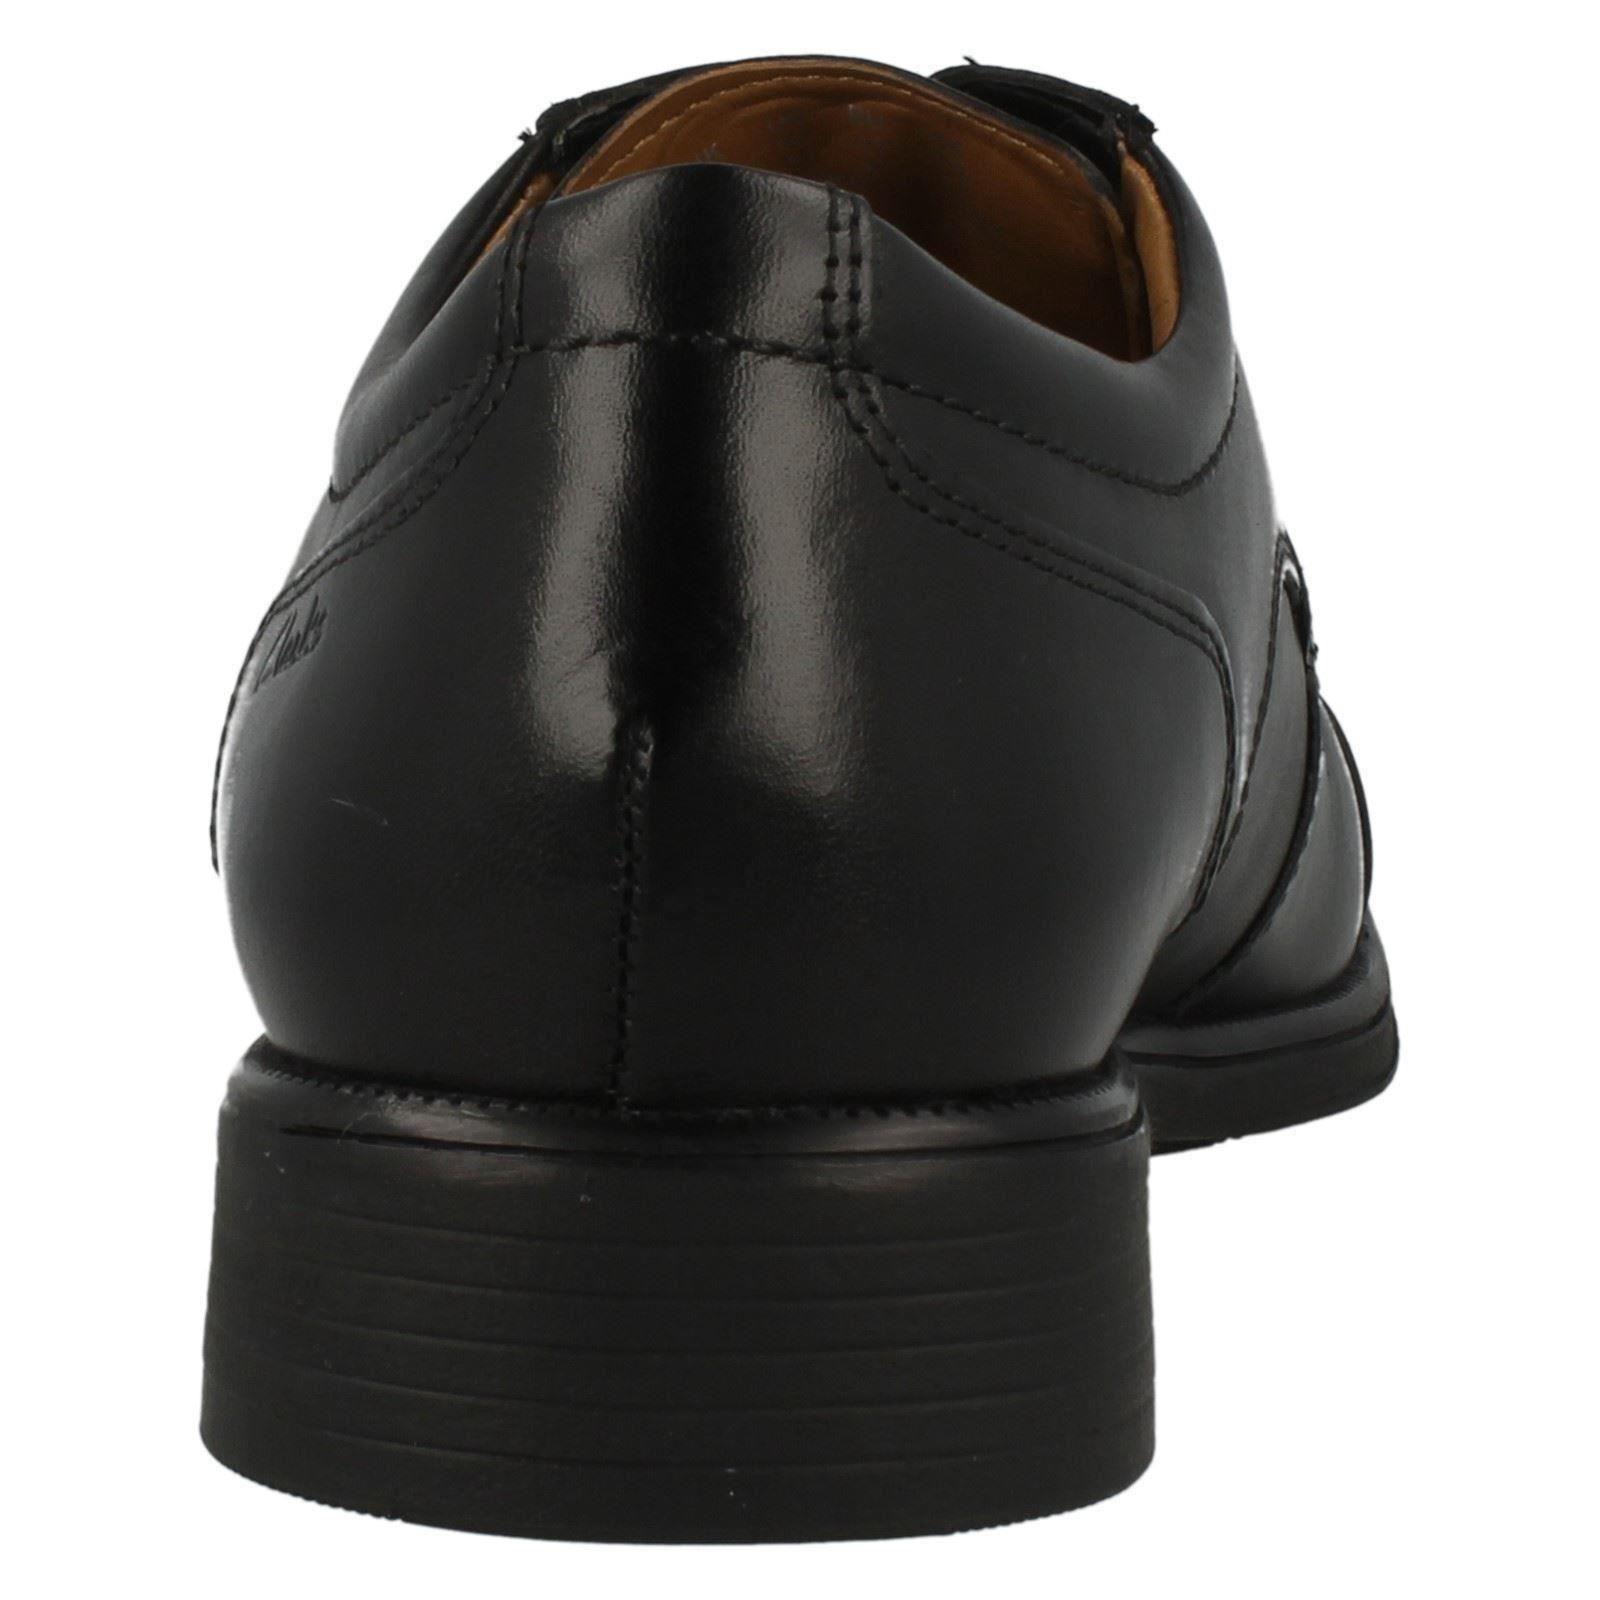 Clarks huckley Gorra Con Cordones Piel Negra Negra Negra Hombre De Trabajo/ 7a51b6